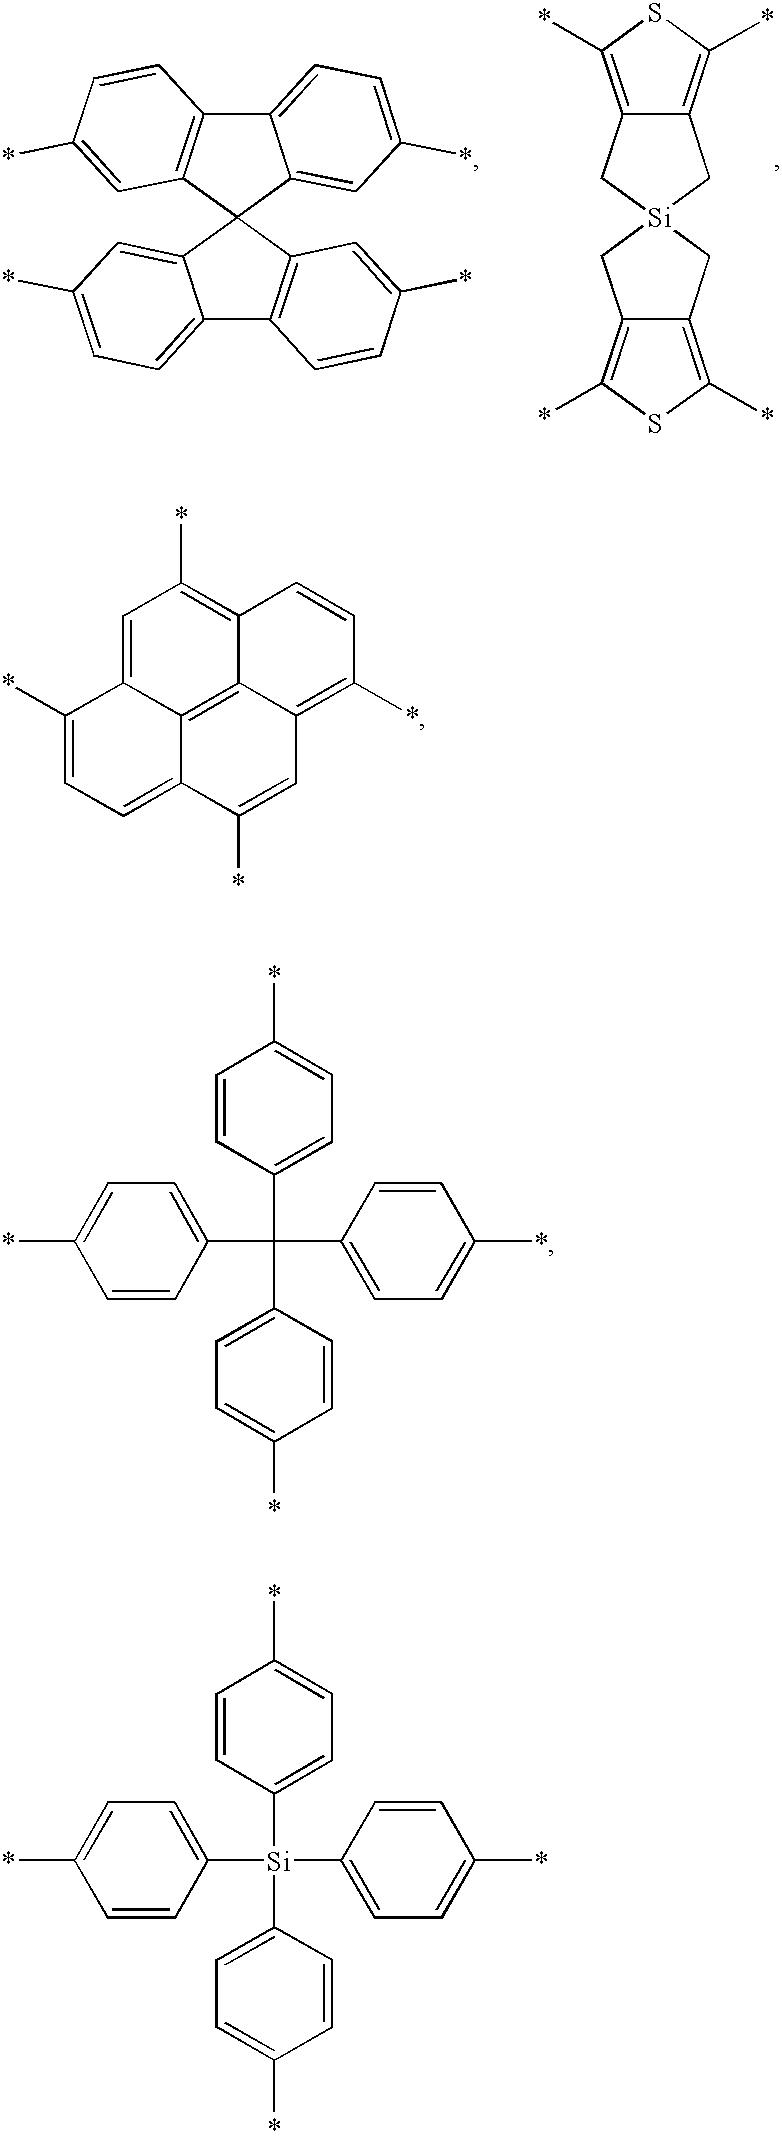 Figure US20070107835A1-20070517-C00019